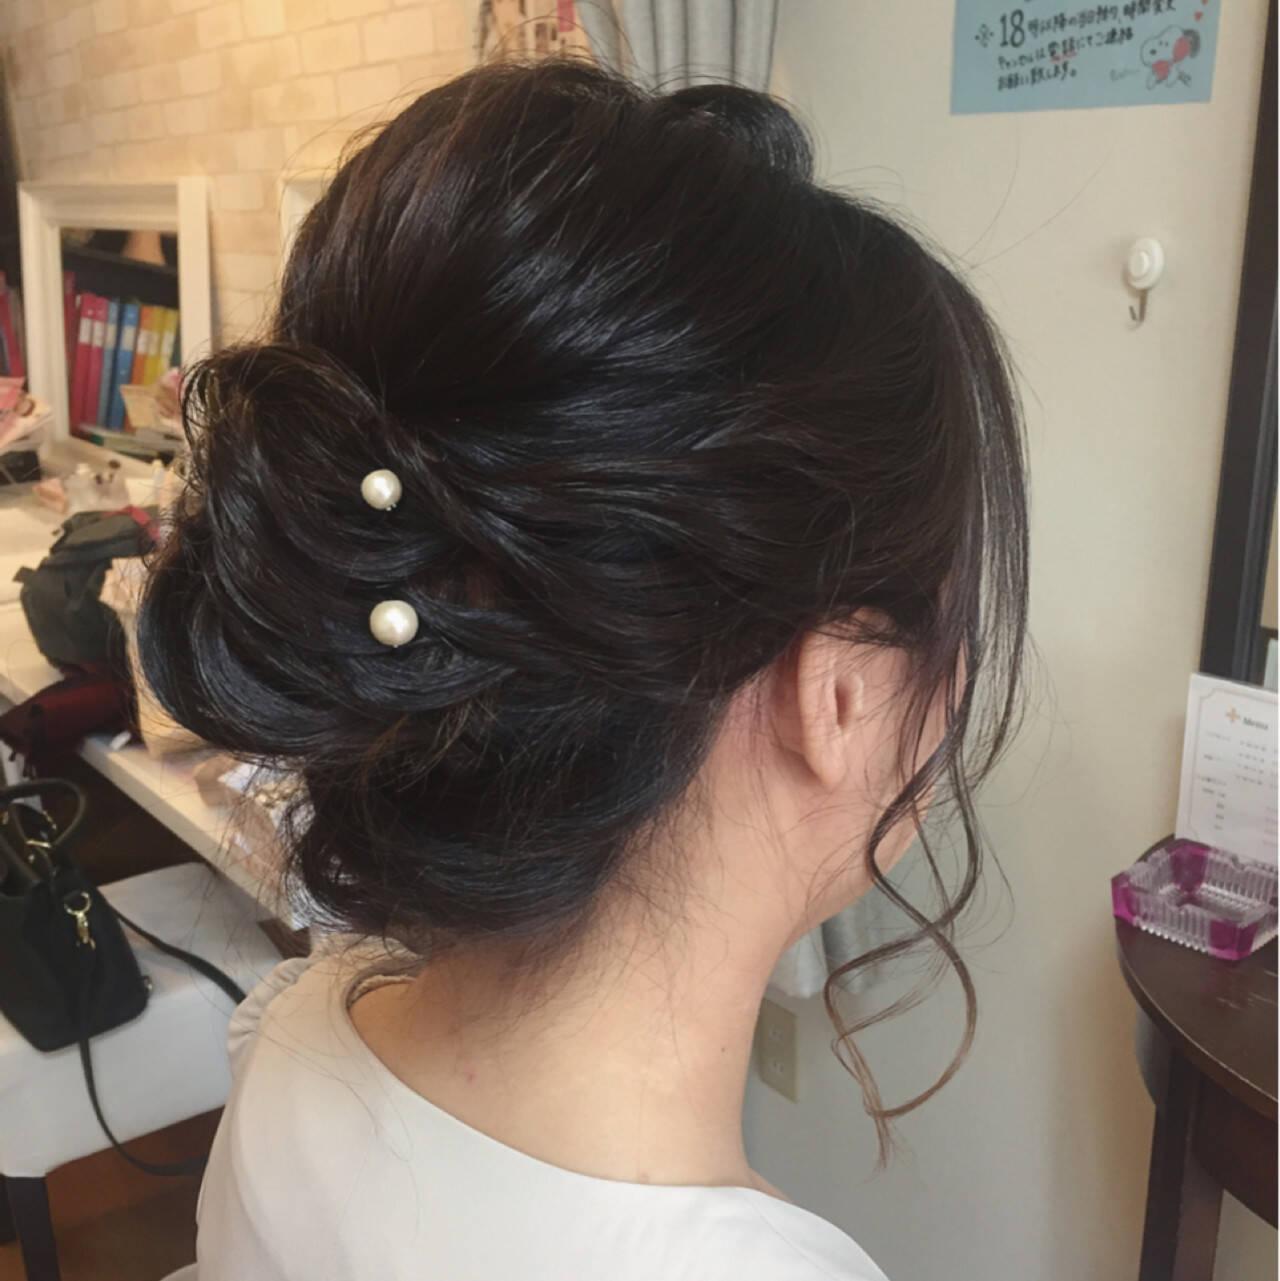 黒髪 フェミニン ロープ編み 結婚式ヘアスタイルや髪型の写真・画像